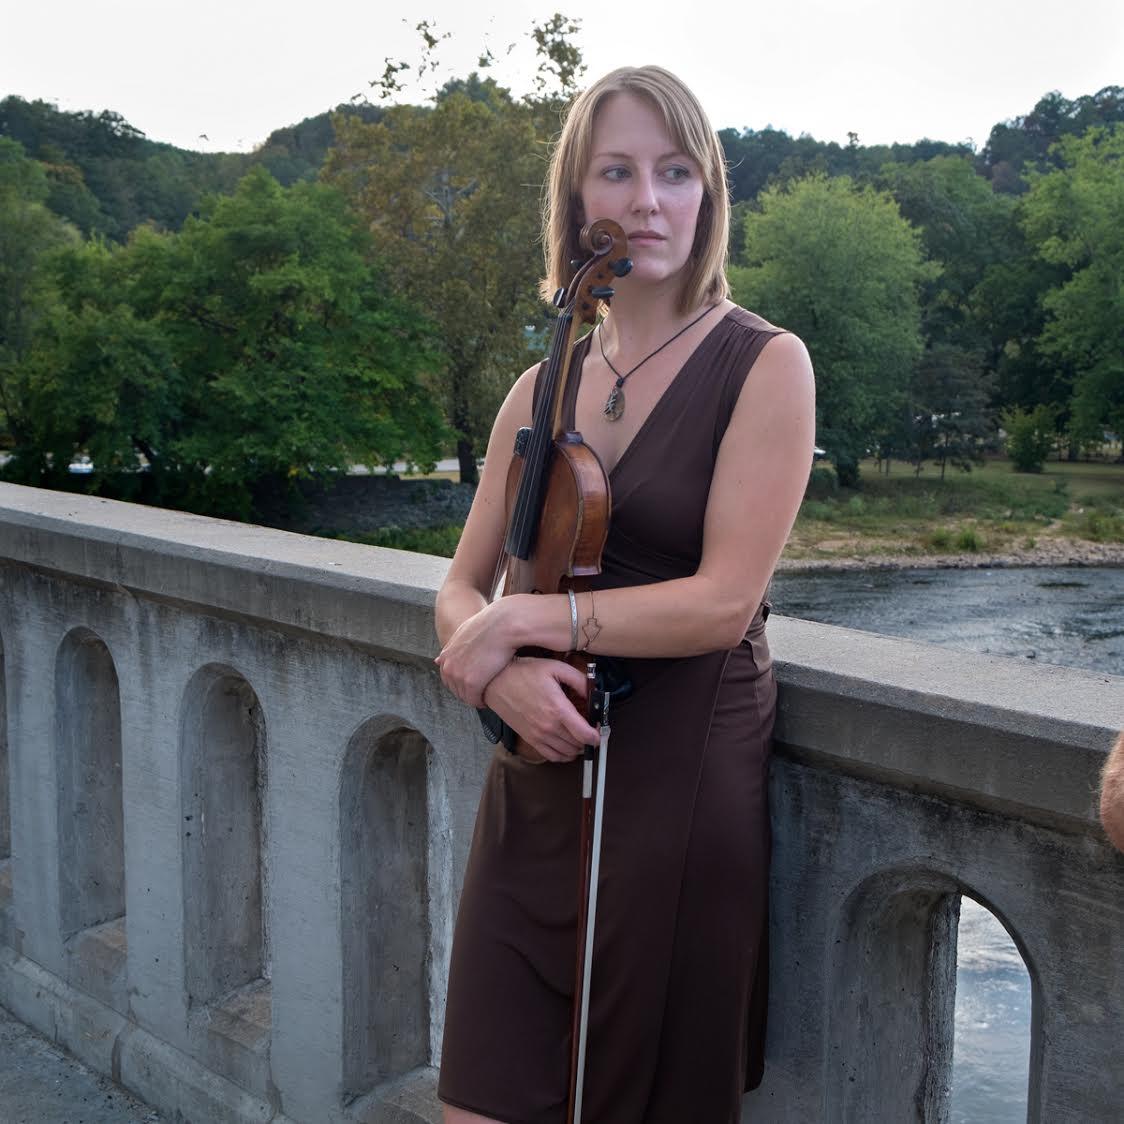 Emma on bridge 1.jpg